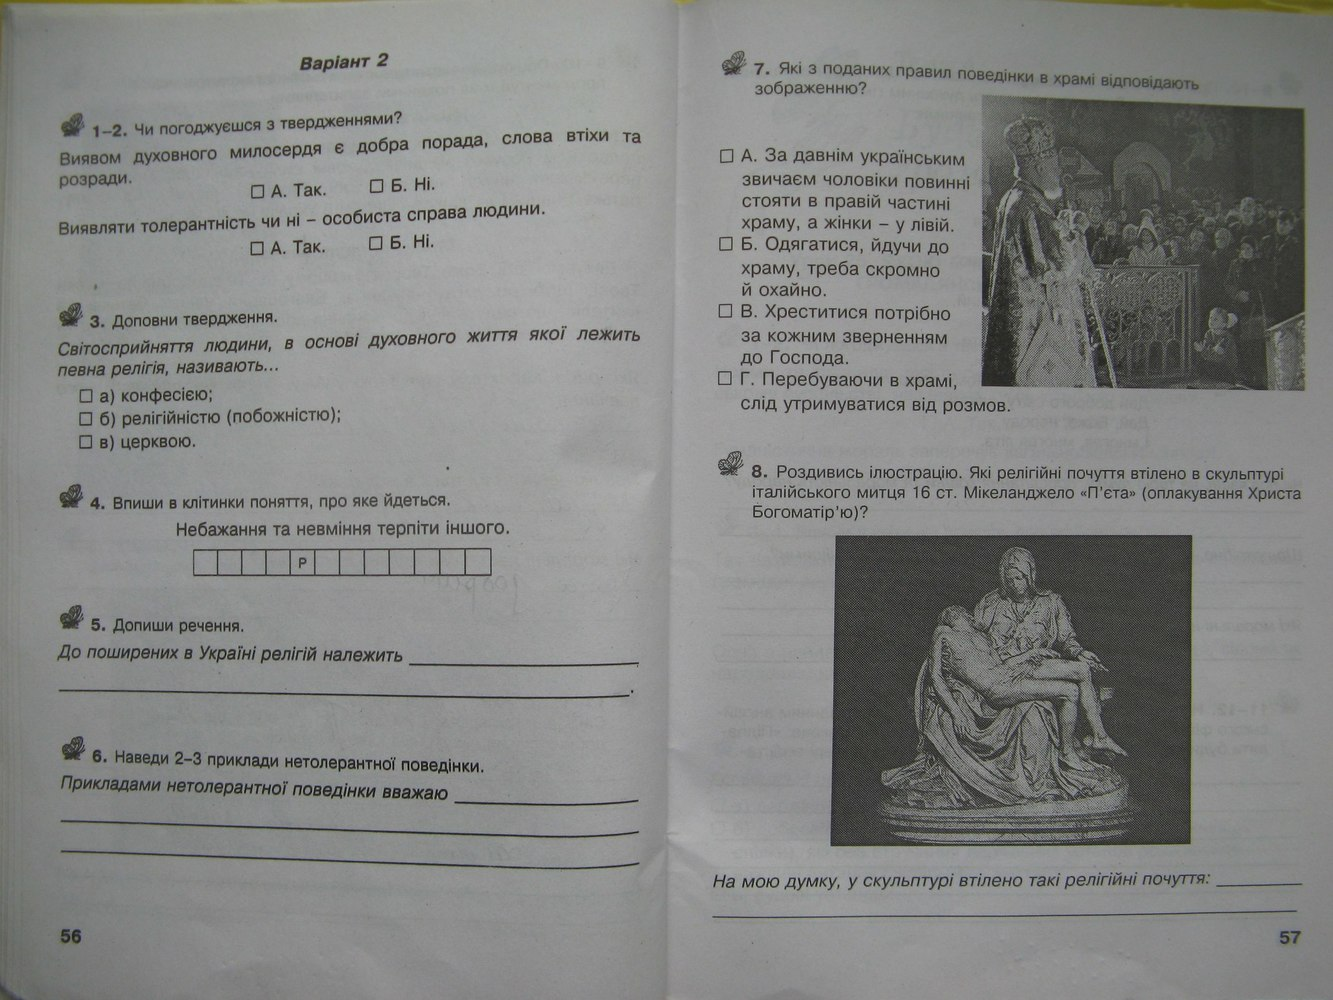 Гдз 6 клас відповіді до зошита